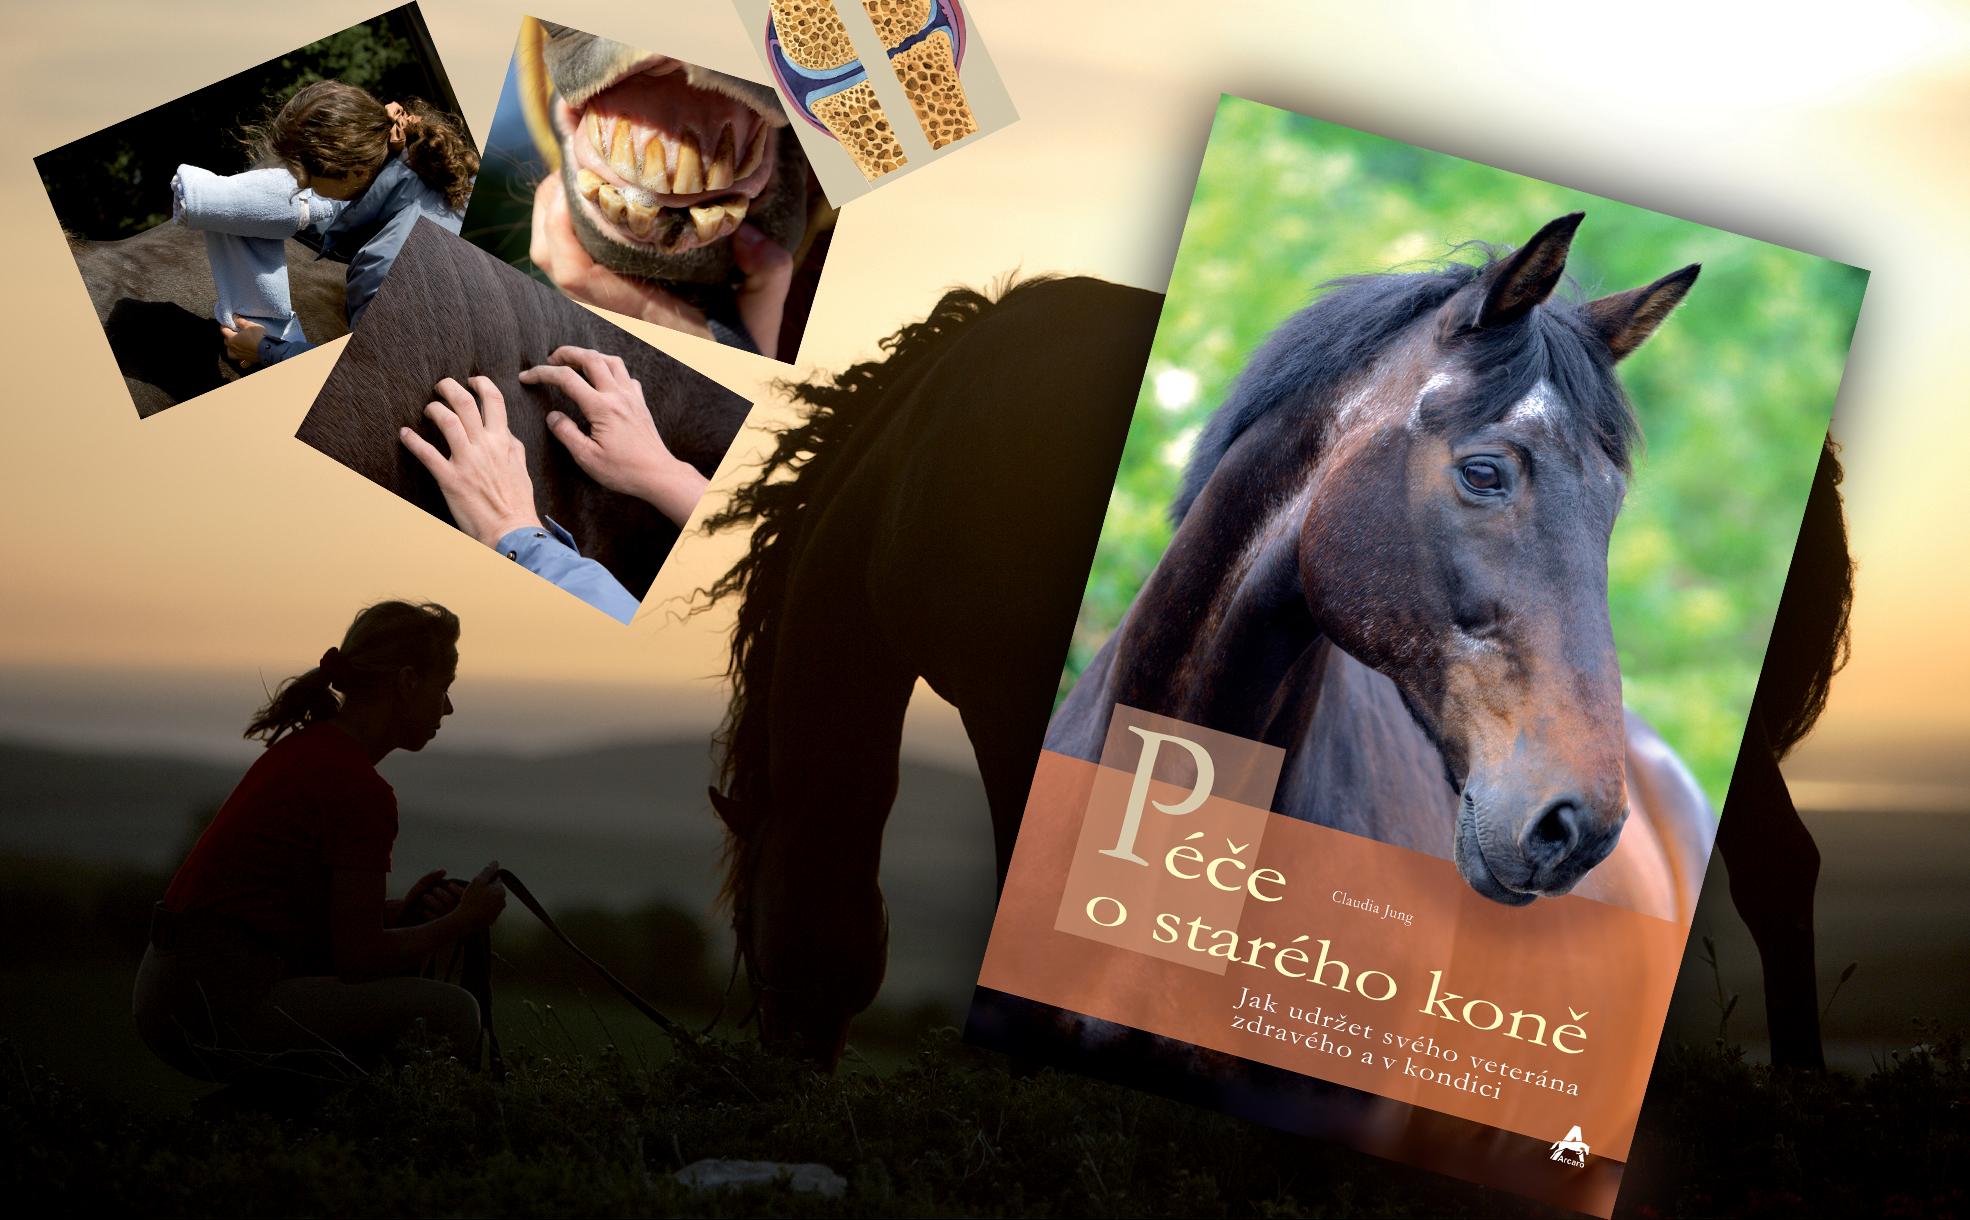 Péče o starého koně (Claudia Jung)